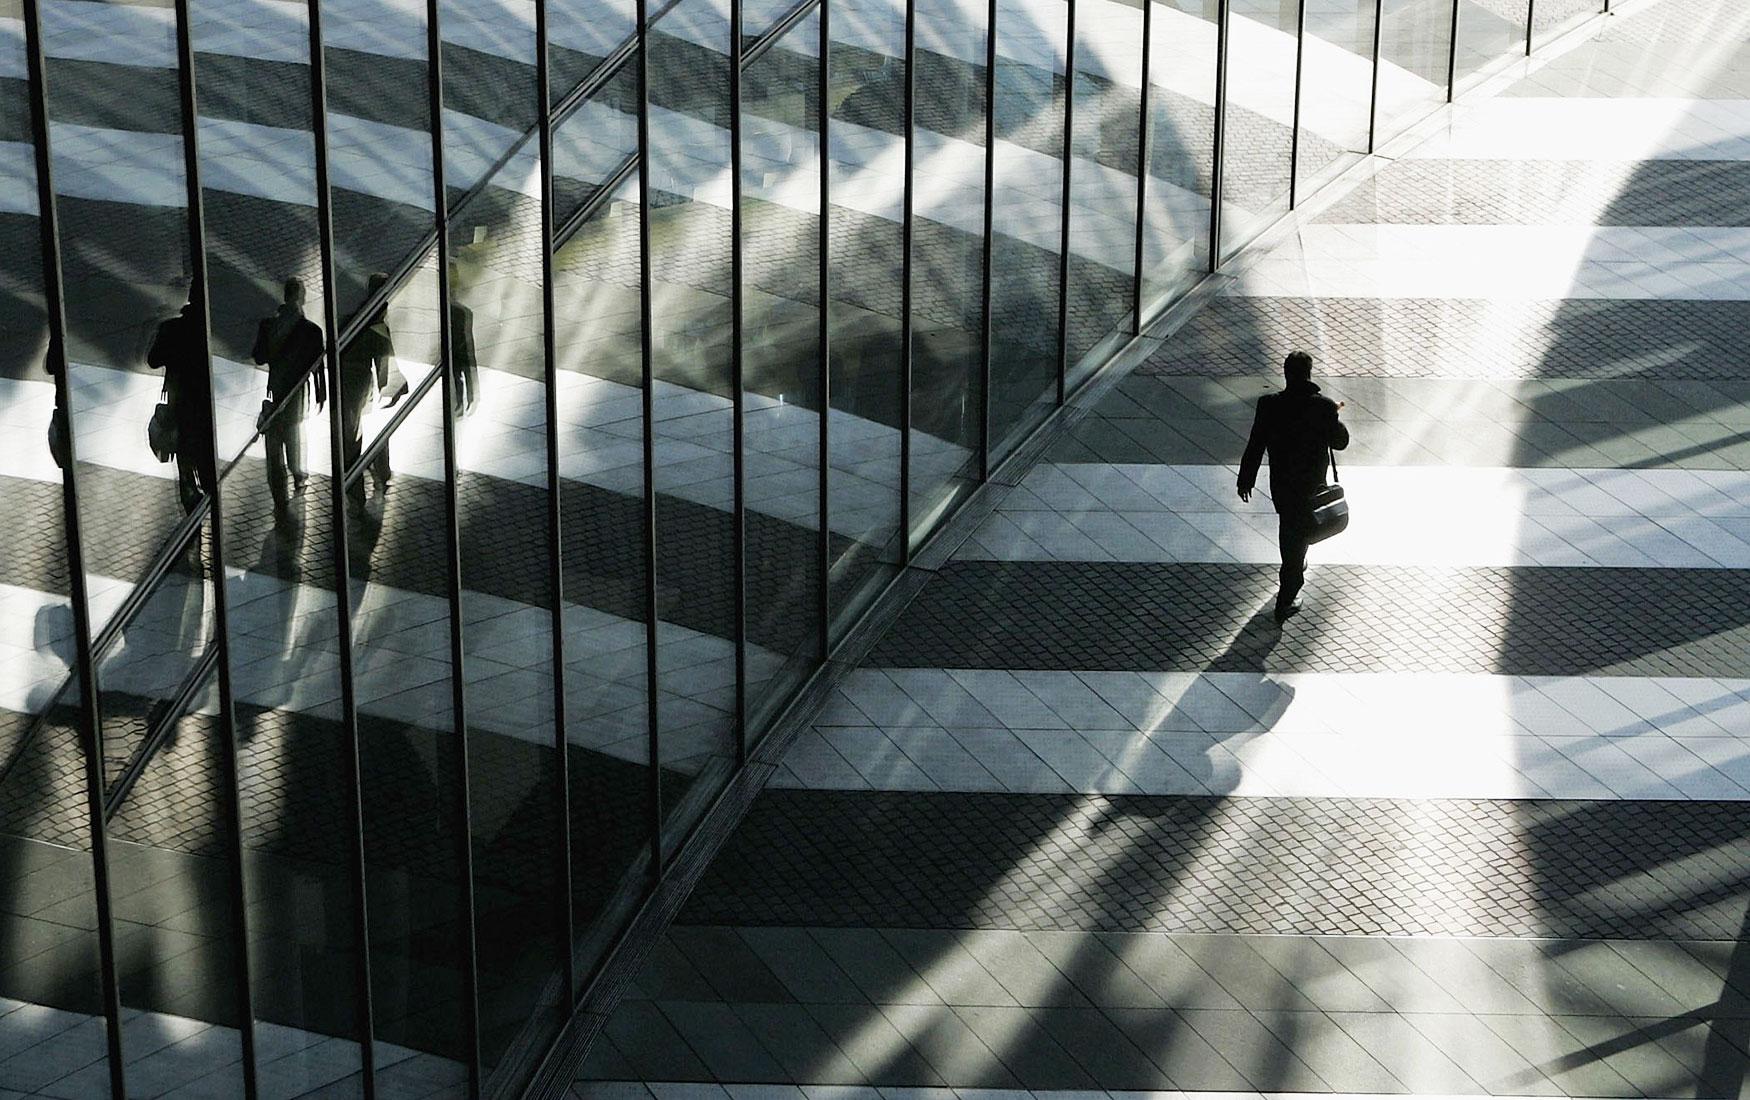 Дорогой мой человек: как сэкономить на топ-менеджерах и сохранить бизнес